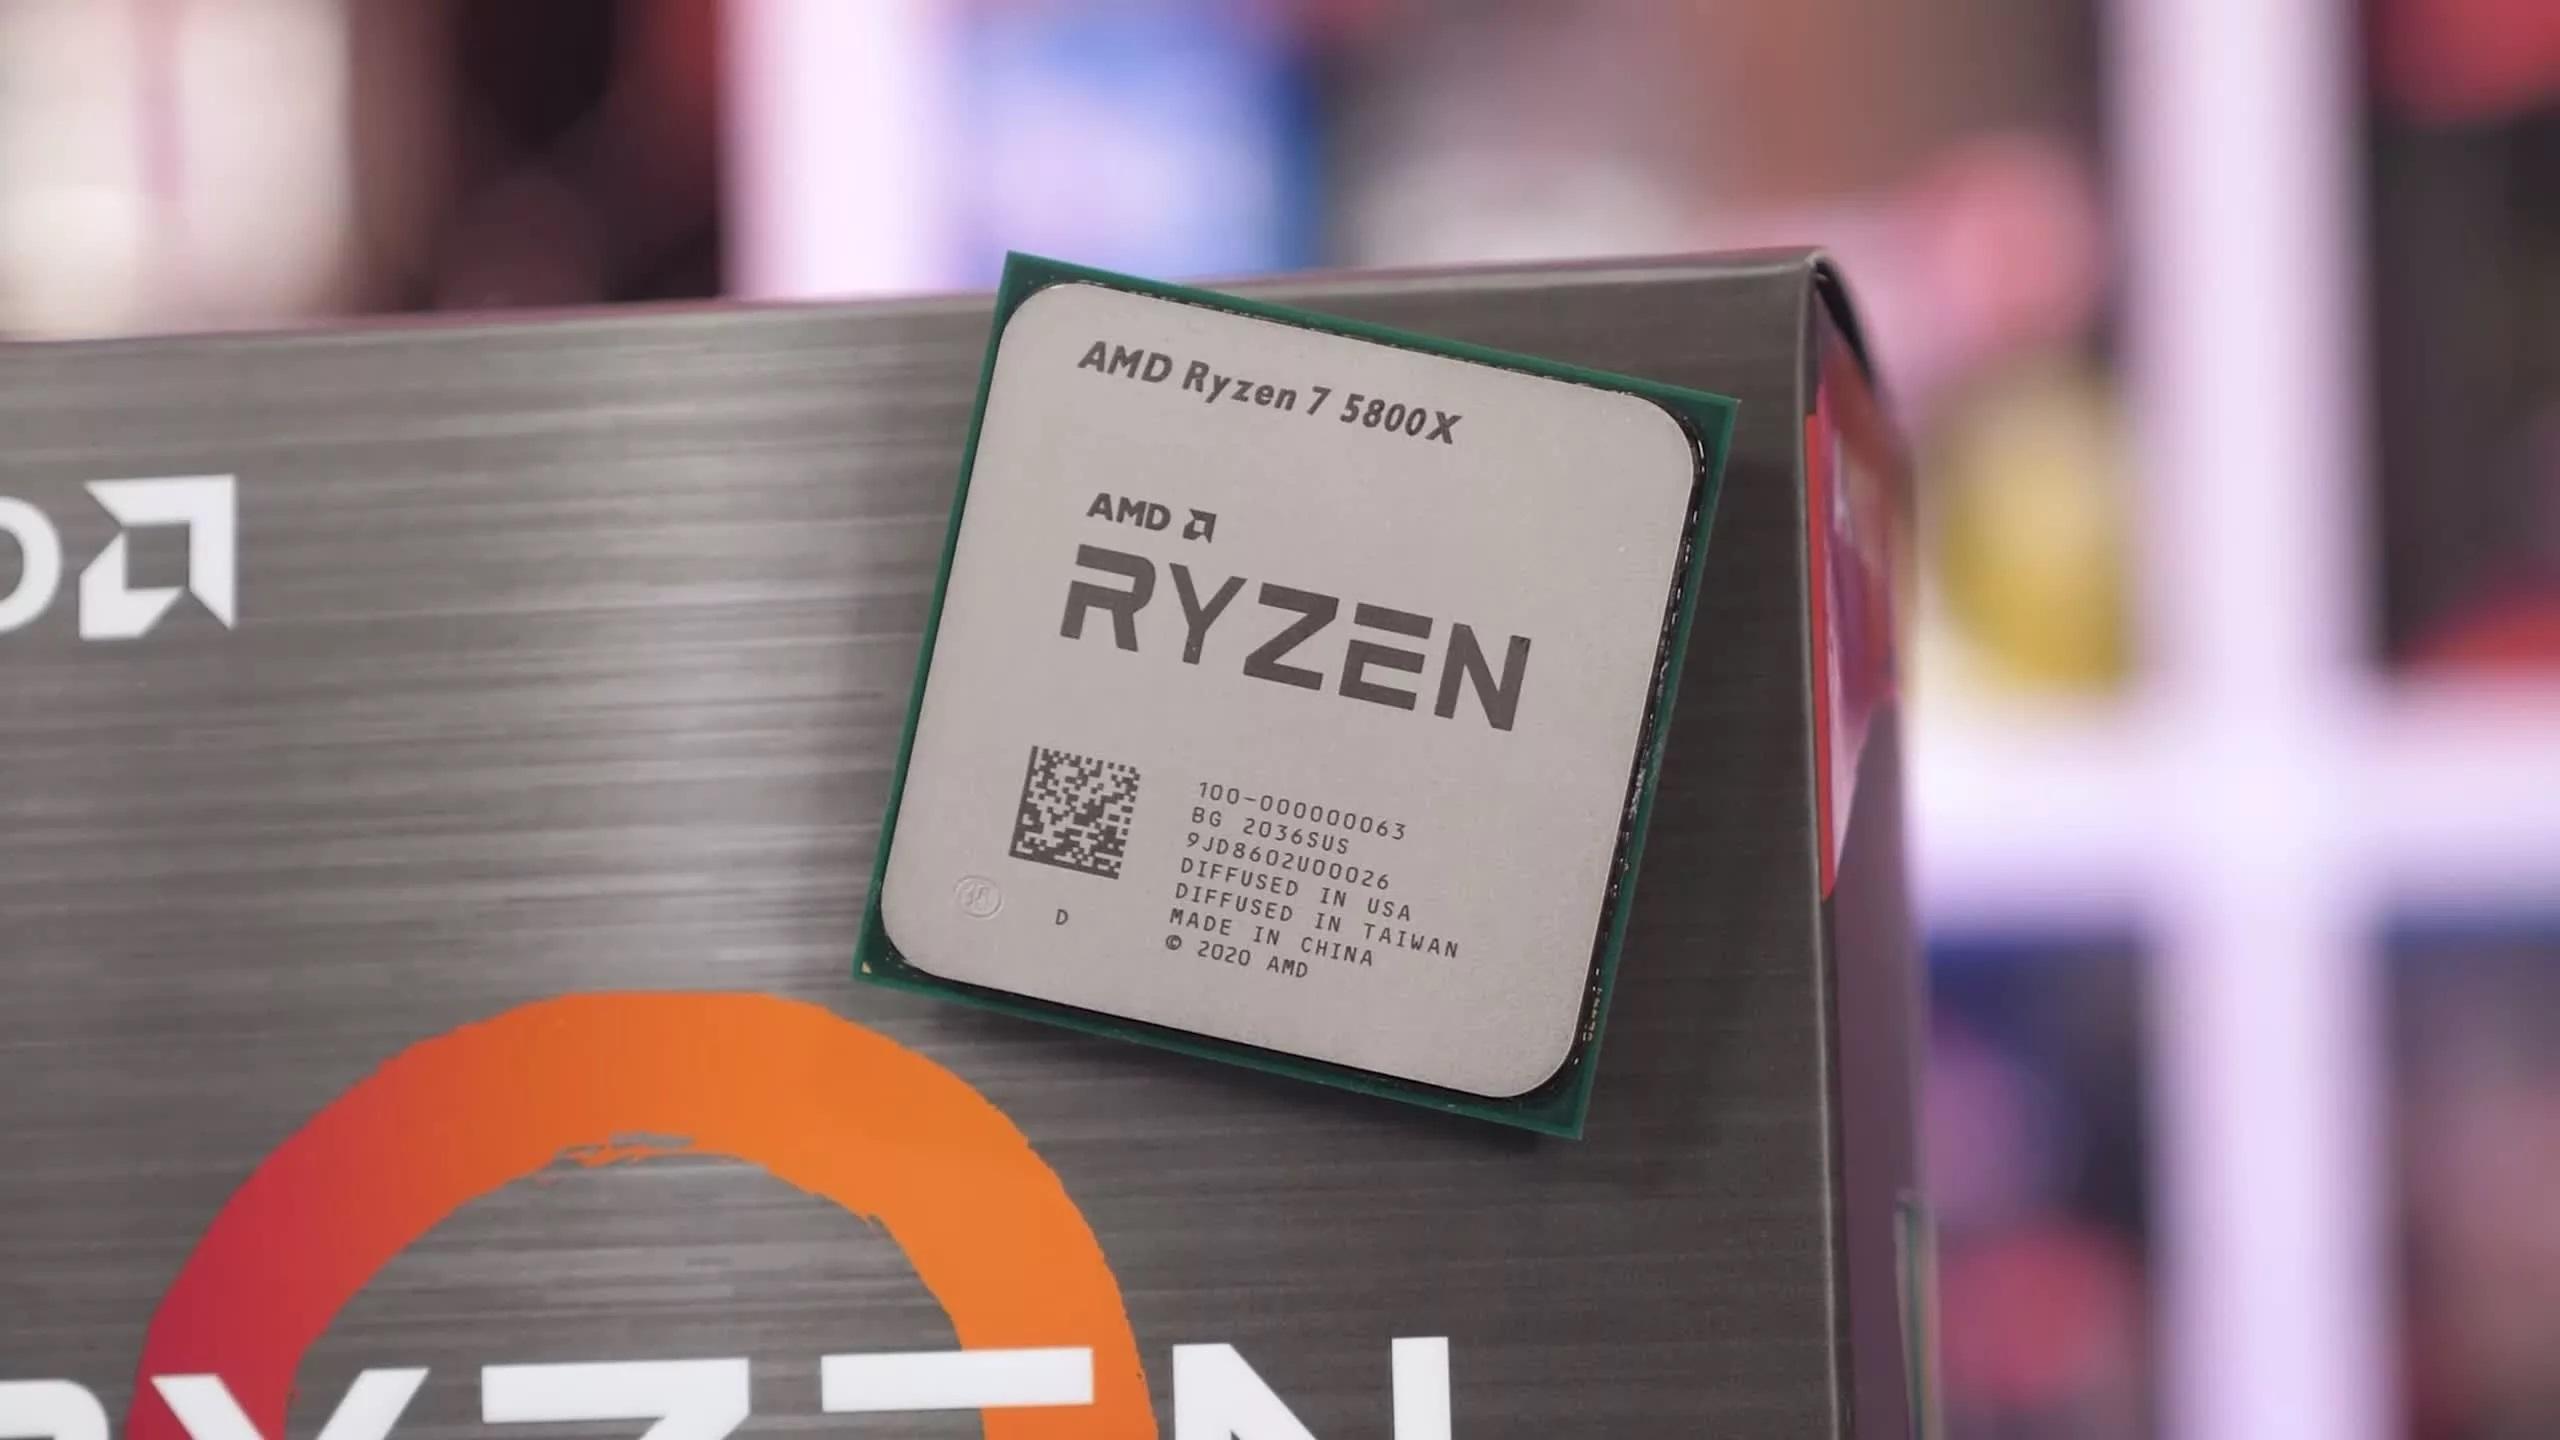 AMD Ryzen 7 5800X: miglior processore di fascia media